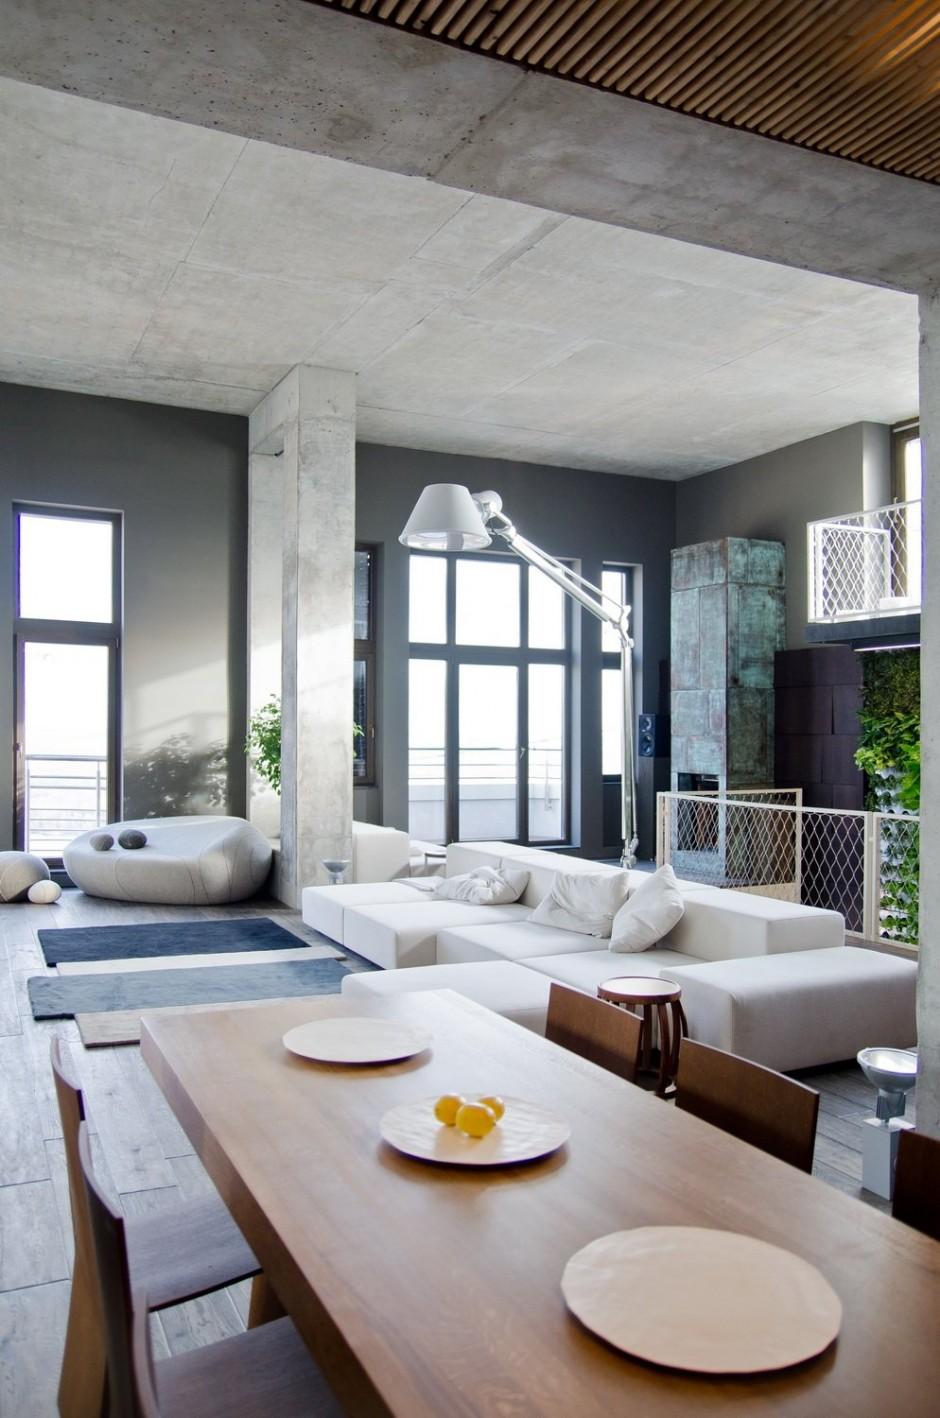 Luxury-Loft-Apartment-Design